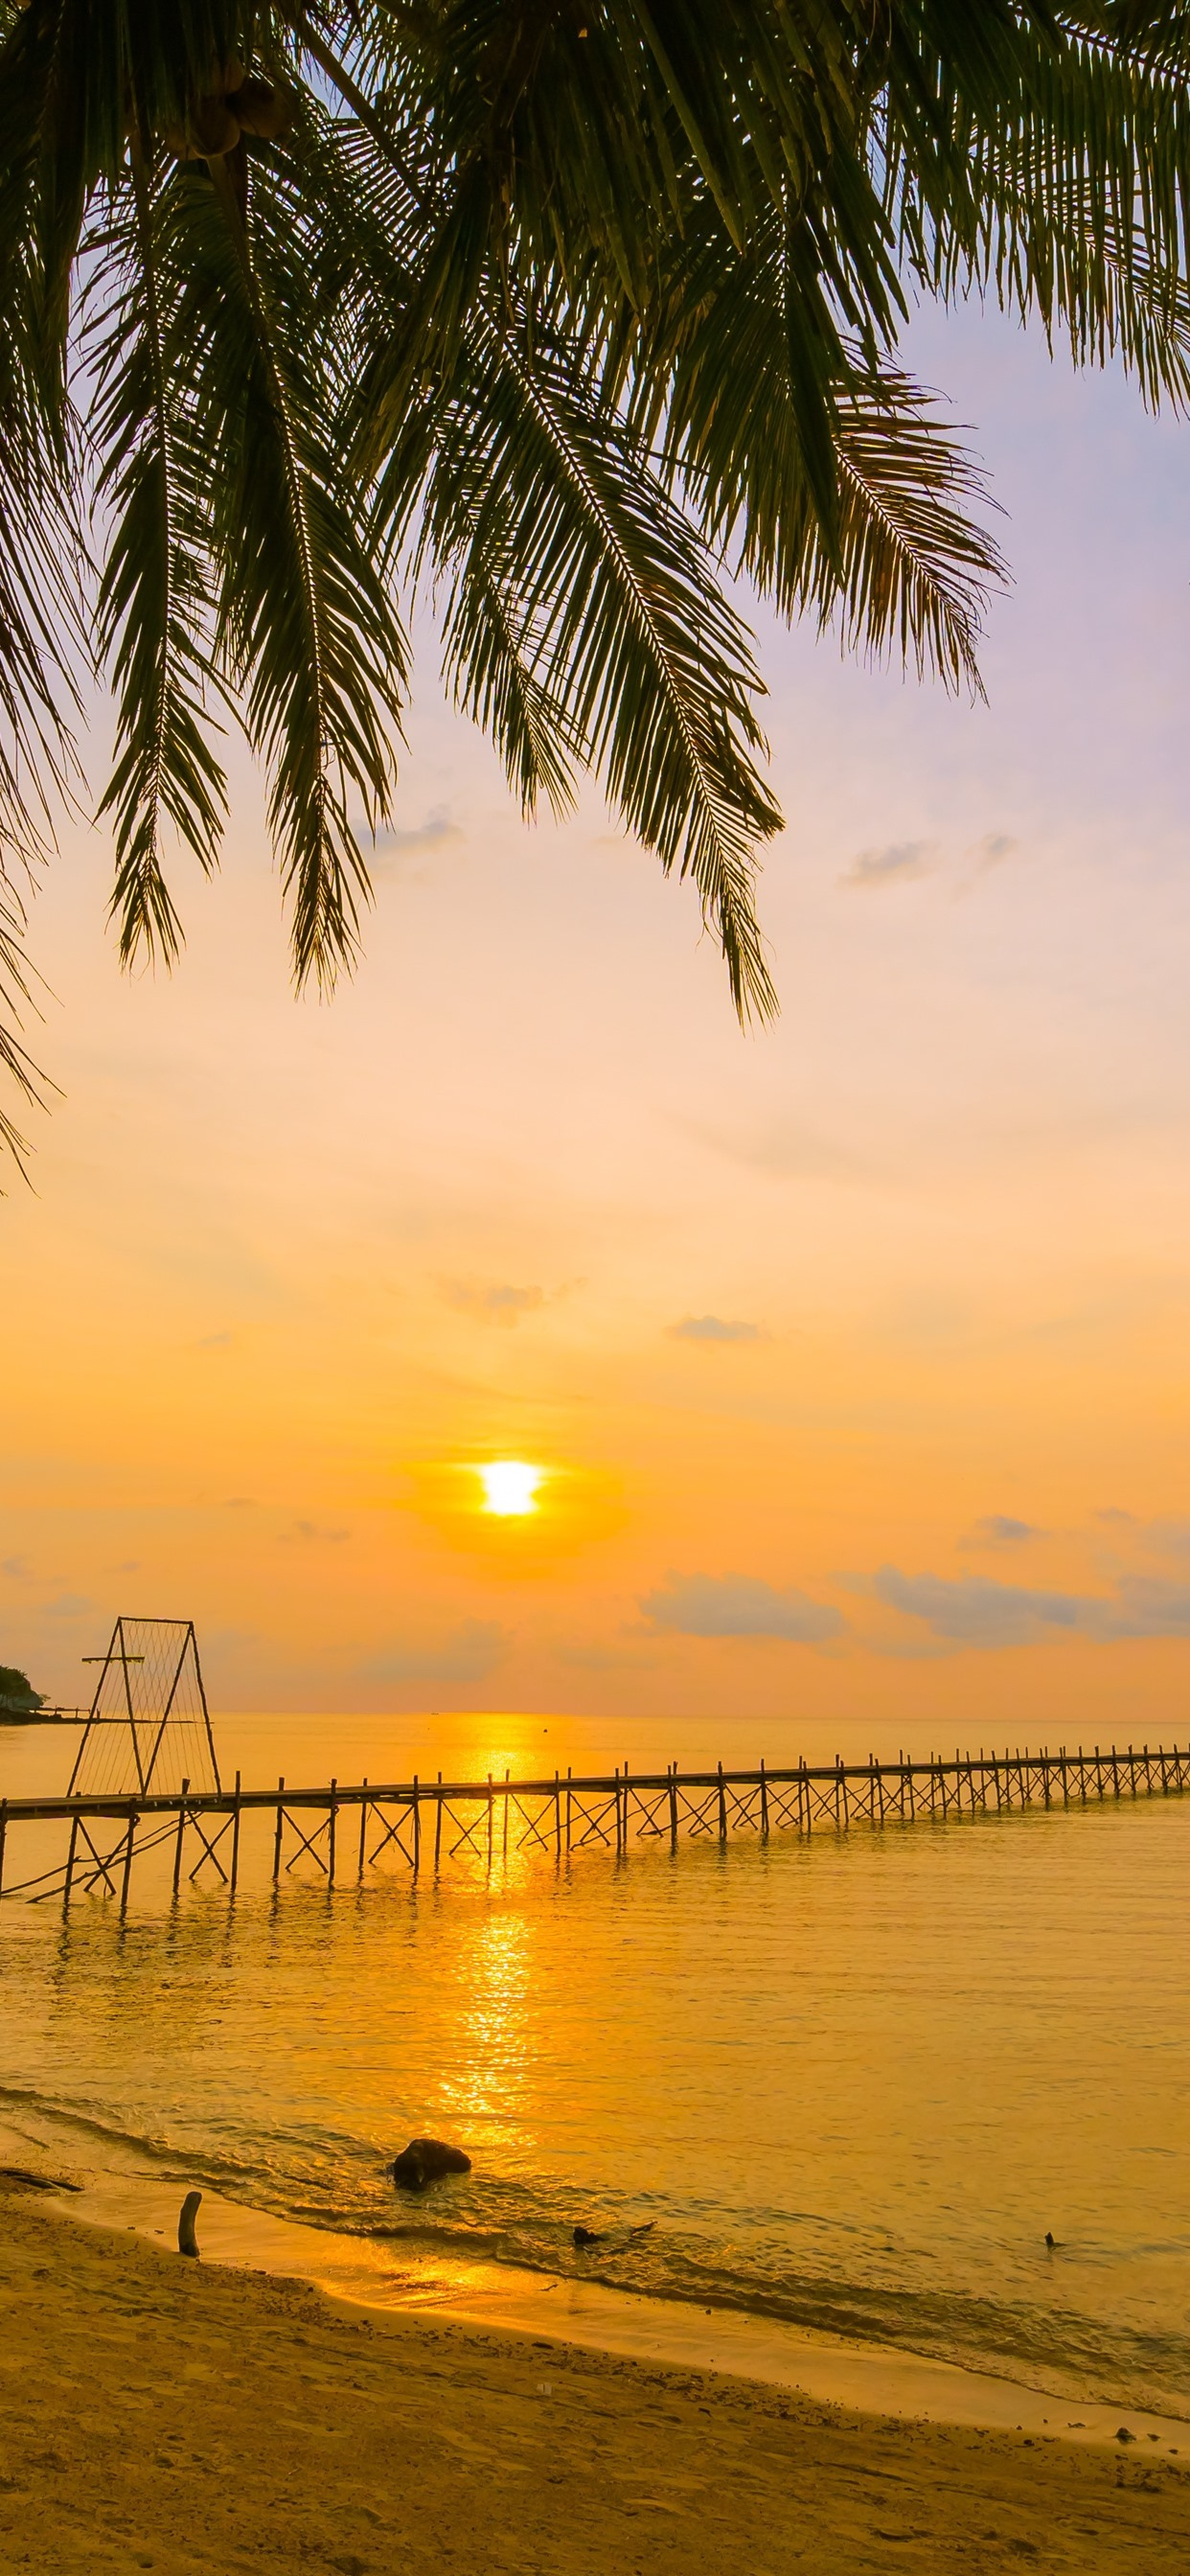 熱帯 夏 ビーチ 海 ヤシの木 桟橋 日没 1242x26 Iphone 11 Pro Xs Max 壁紙 背景 画像